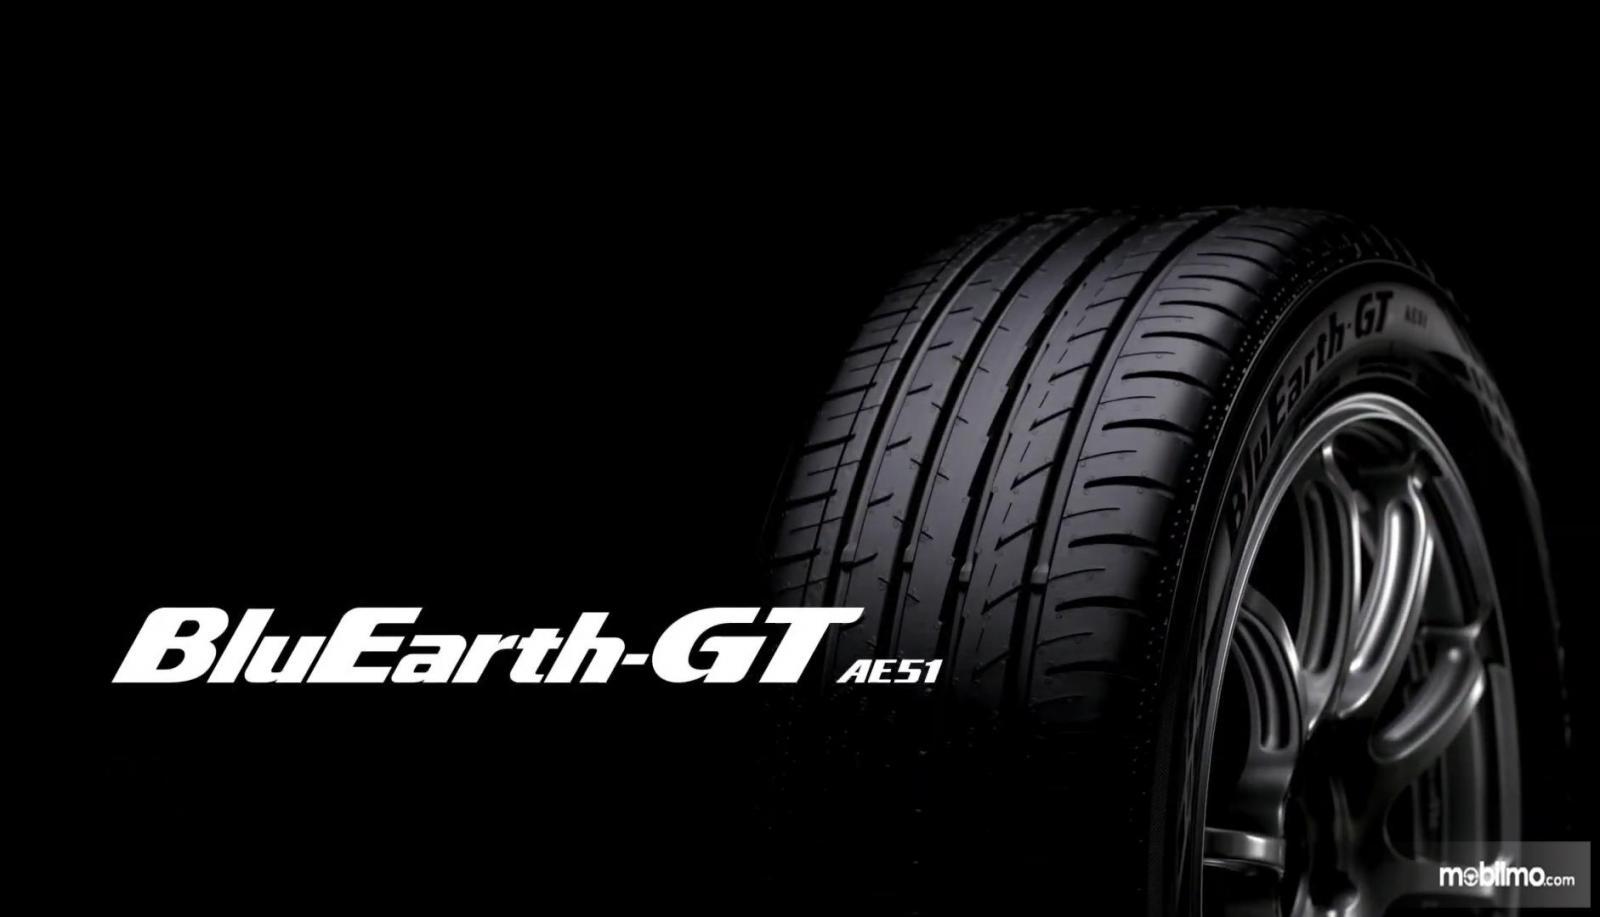 Gambar ini menunjukkan ban mobil BluEarth-GT AE51